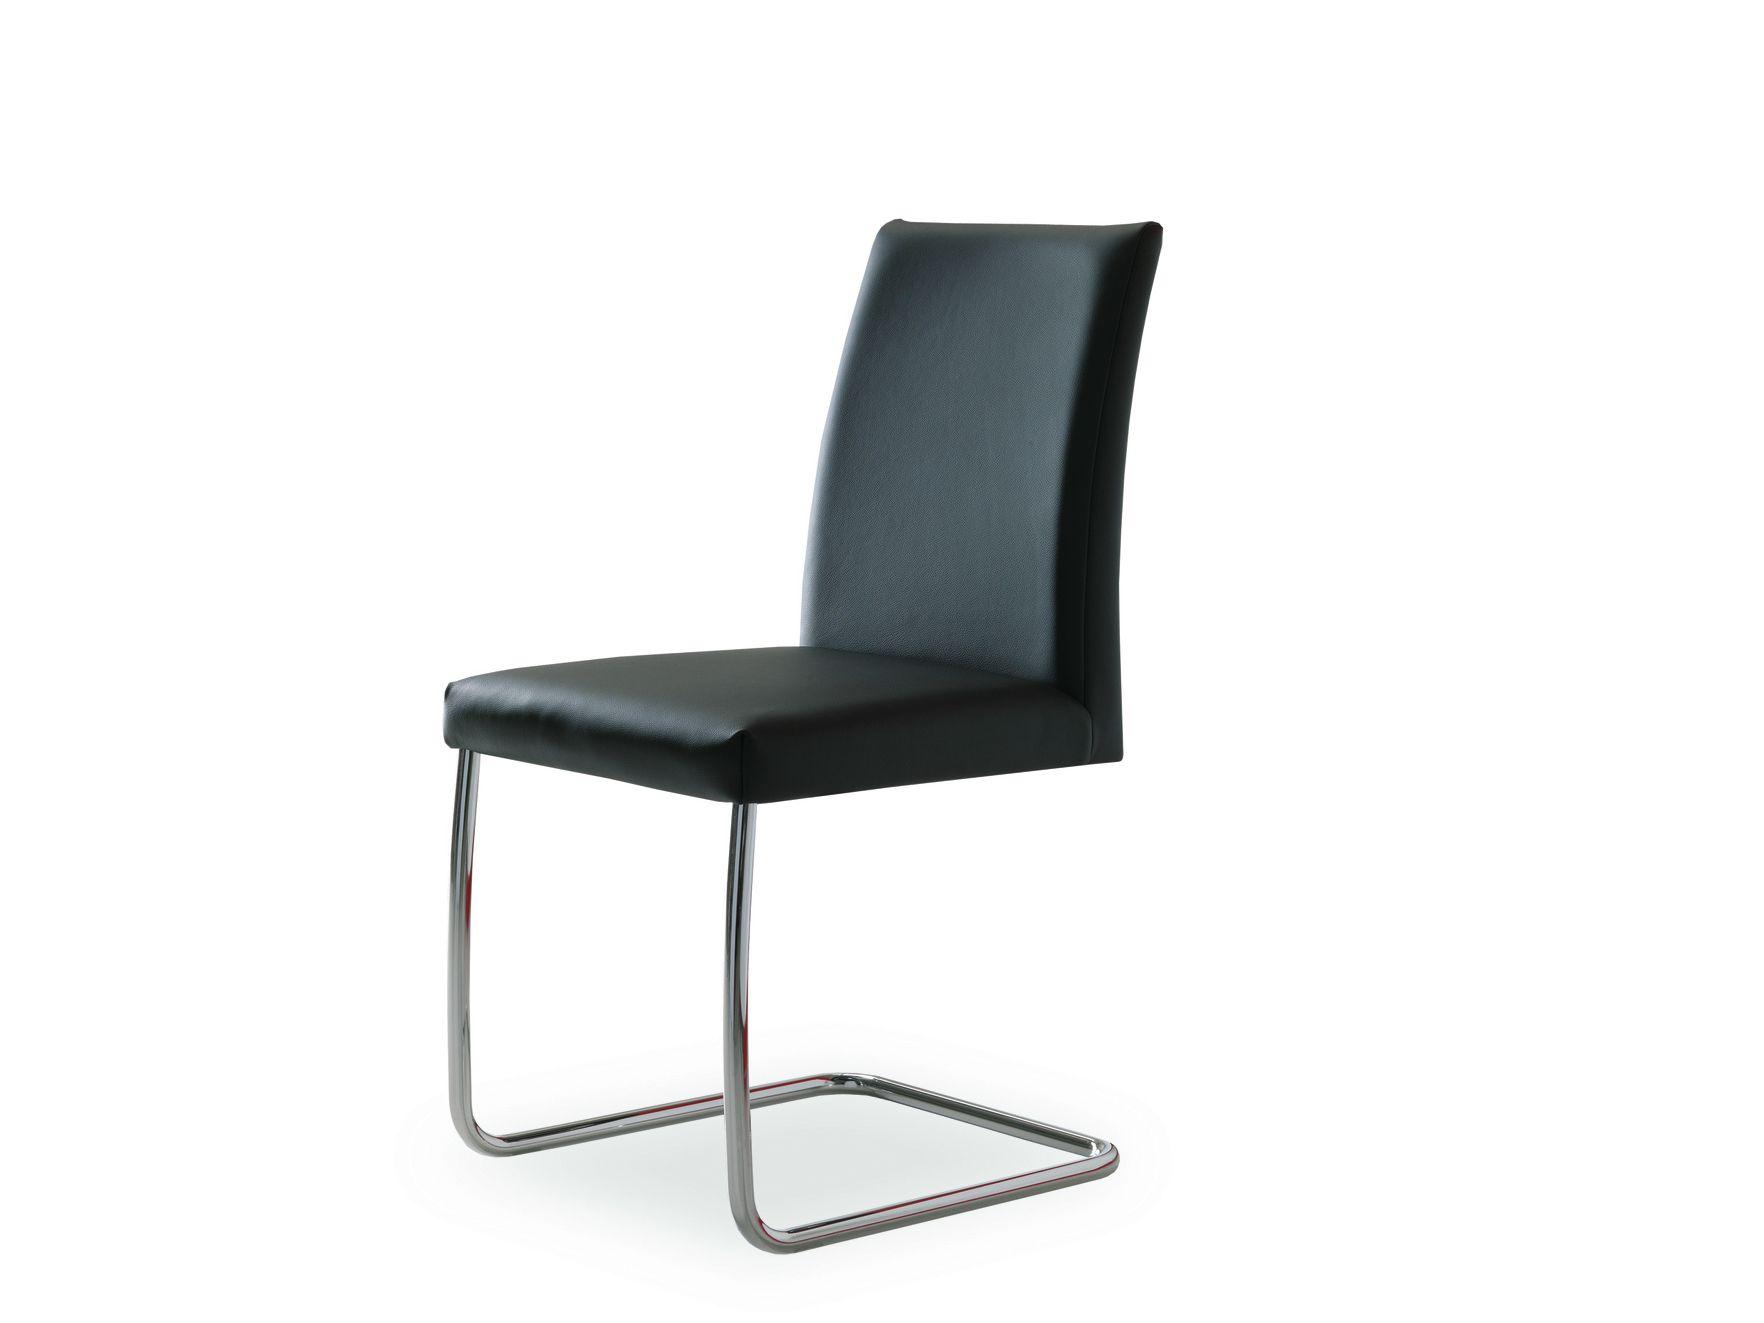 ESTA Cantilever chair by Bontempi Casa